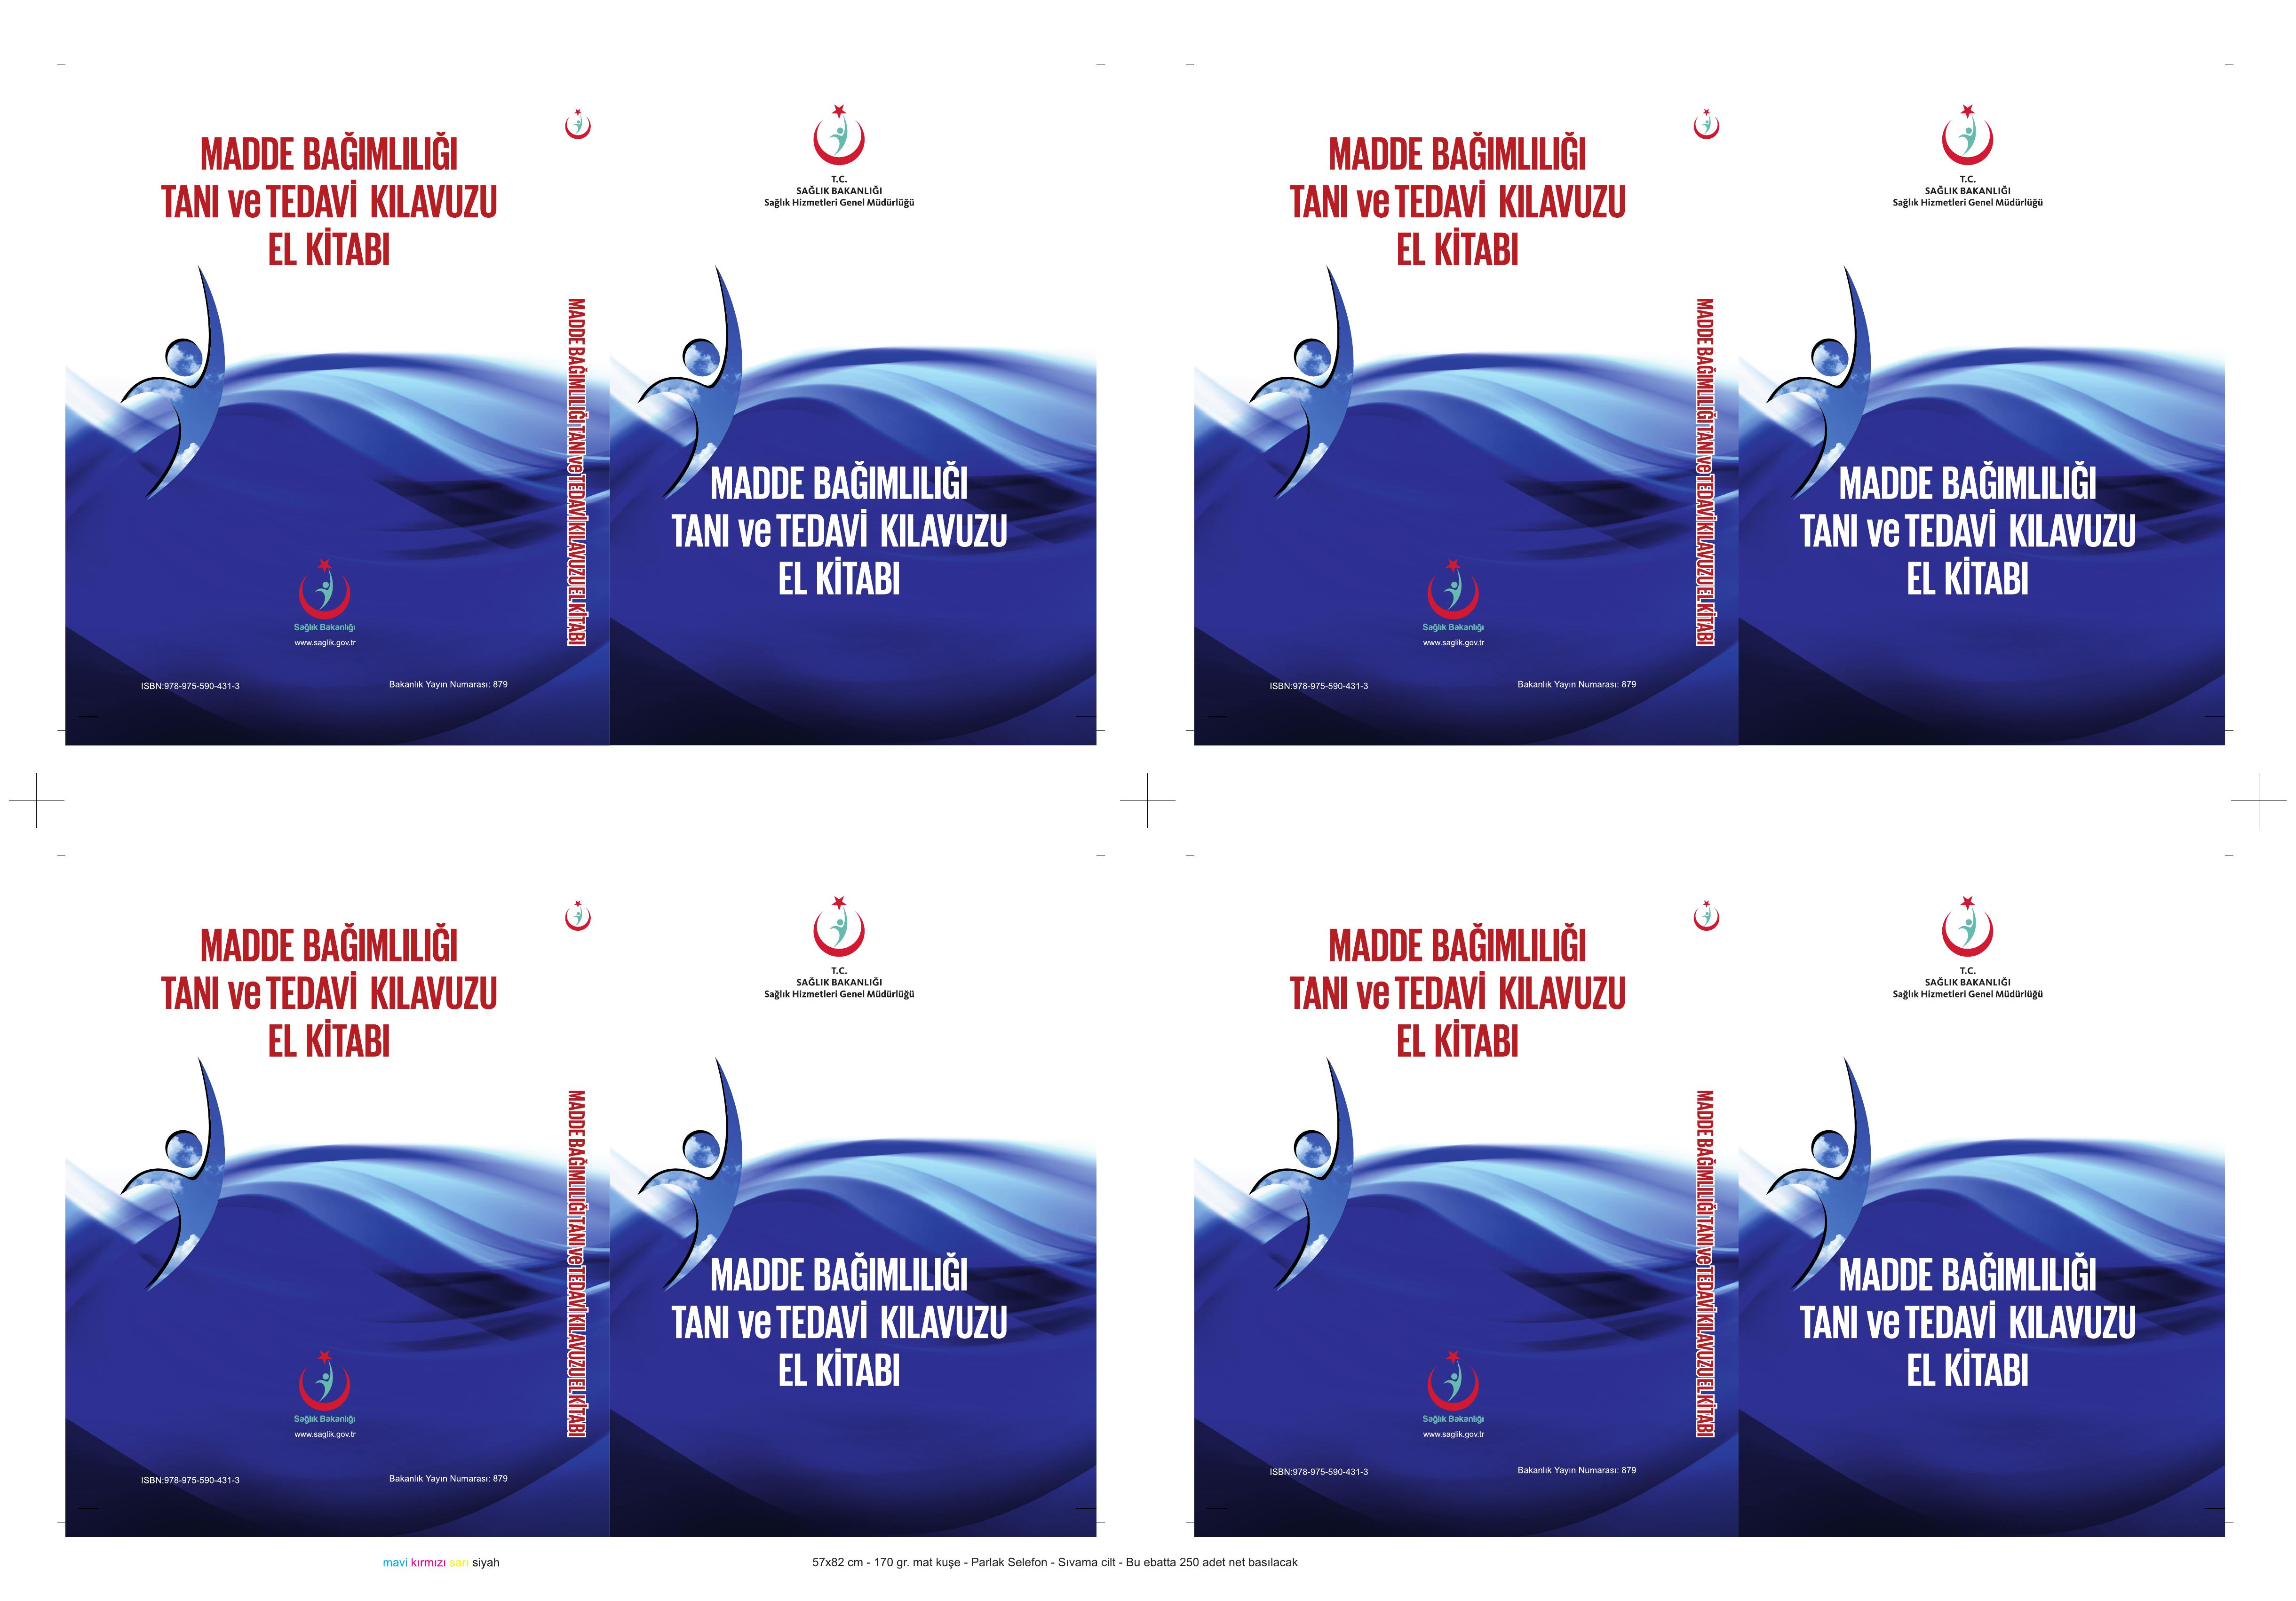 Casio Saatleri Edifice Serisi'nden Hız Severlere Özel Bir Kolleksiyon 13